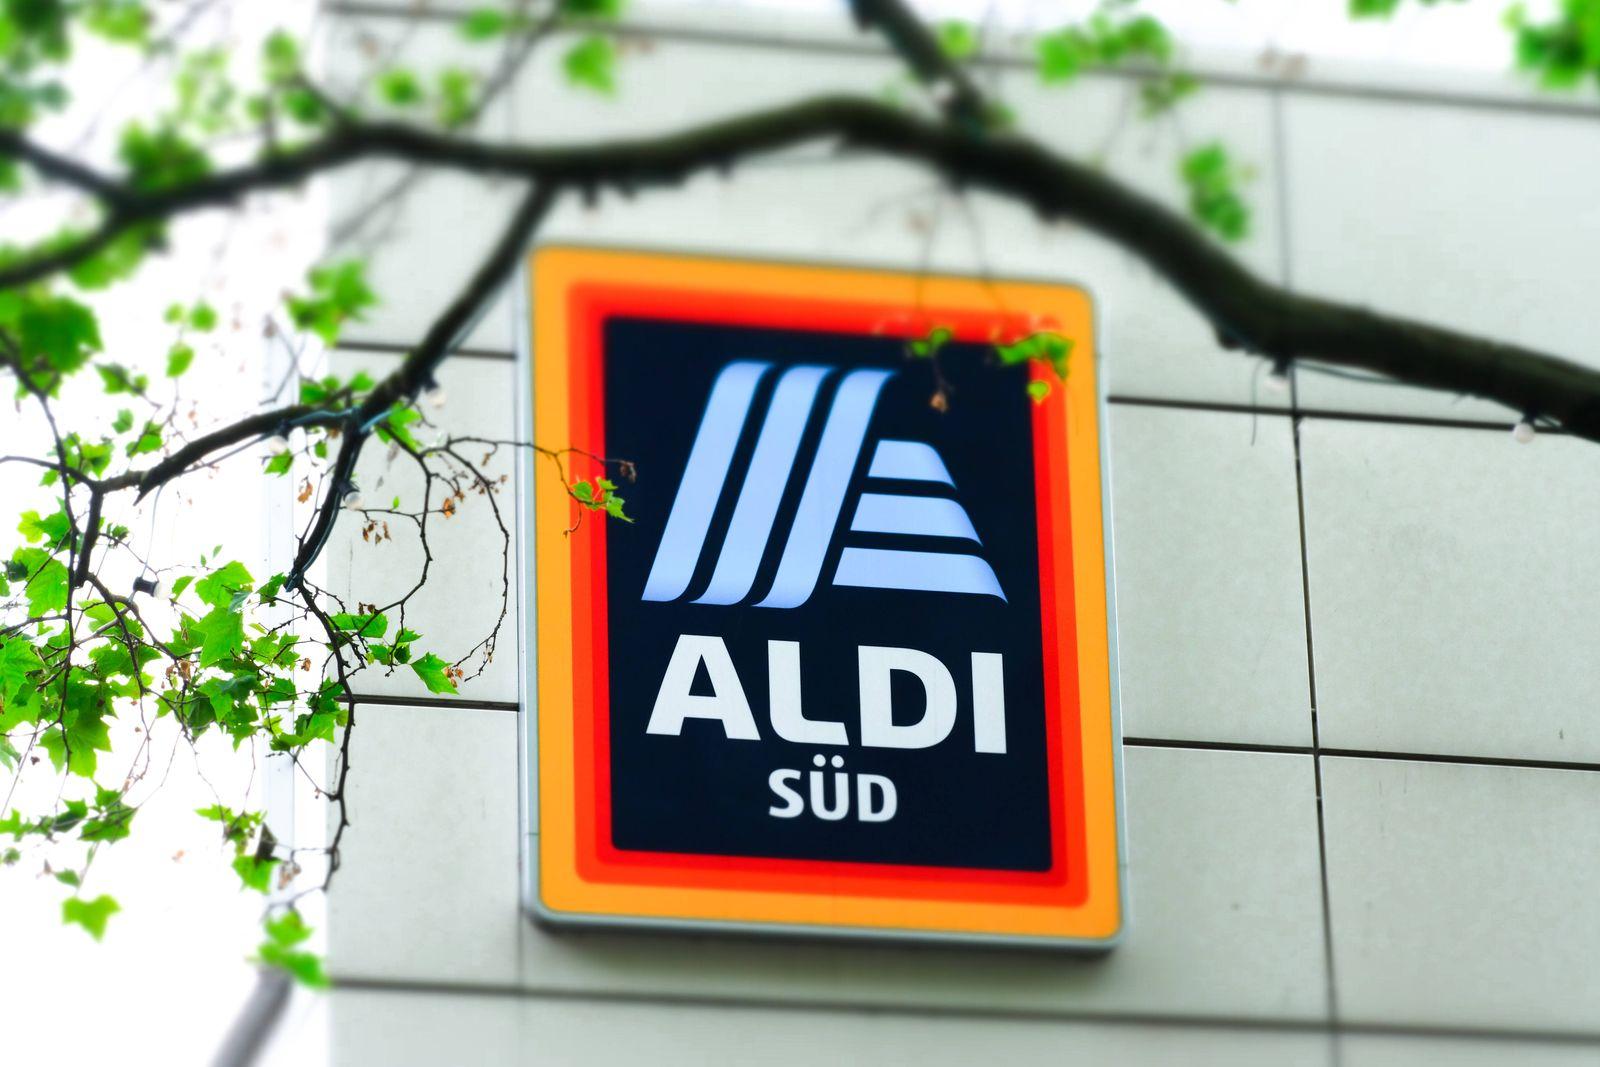 Düsseldorf 05.06.2021 Aldi Süd Lebensmittel Discounter Supermarkt Logo Düsseldorf Nordrhein-Westfalen Deutschland *** D